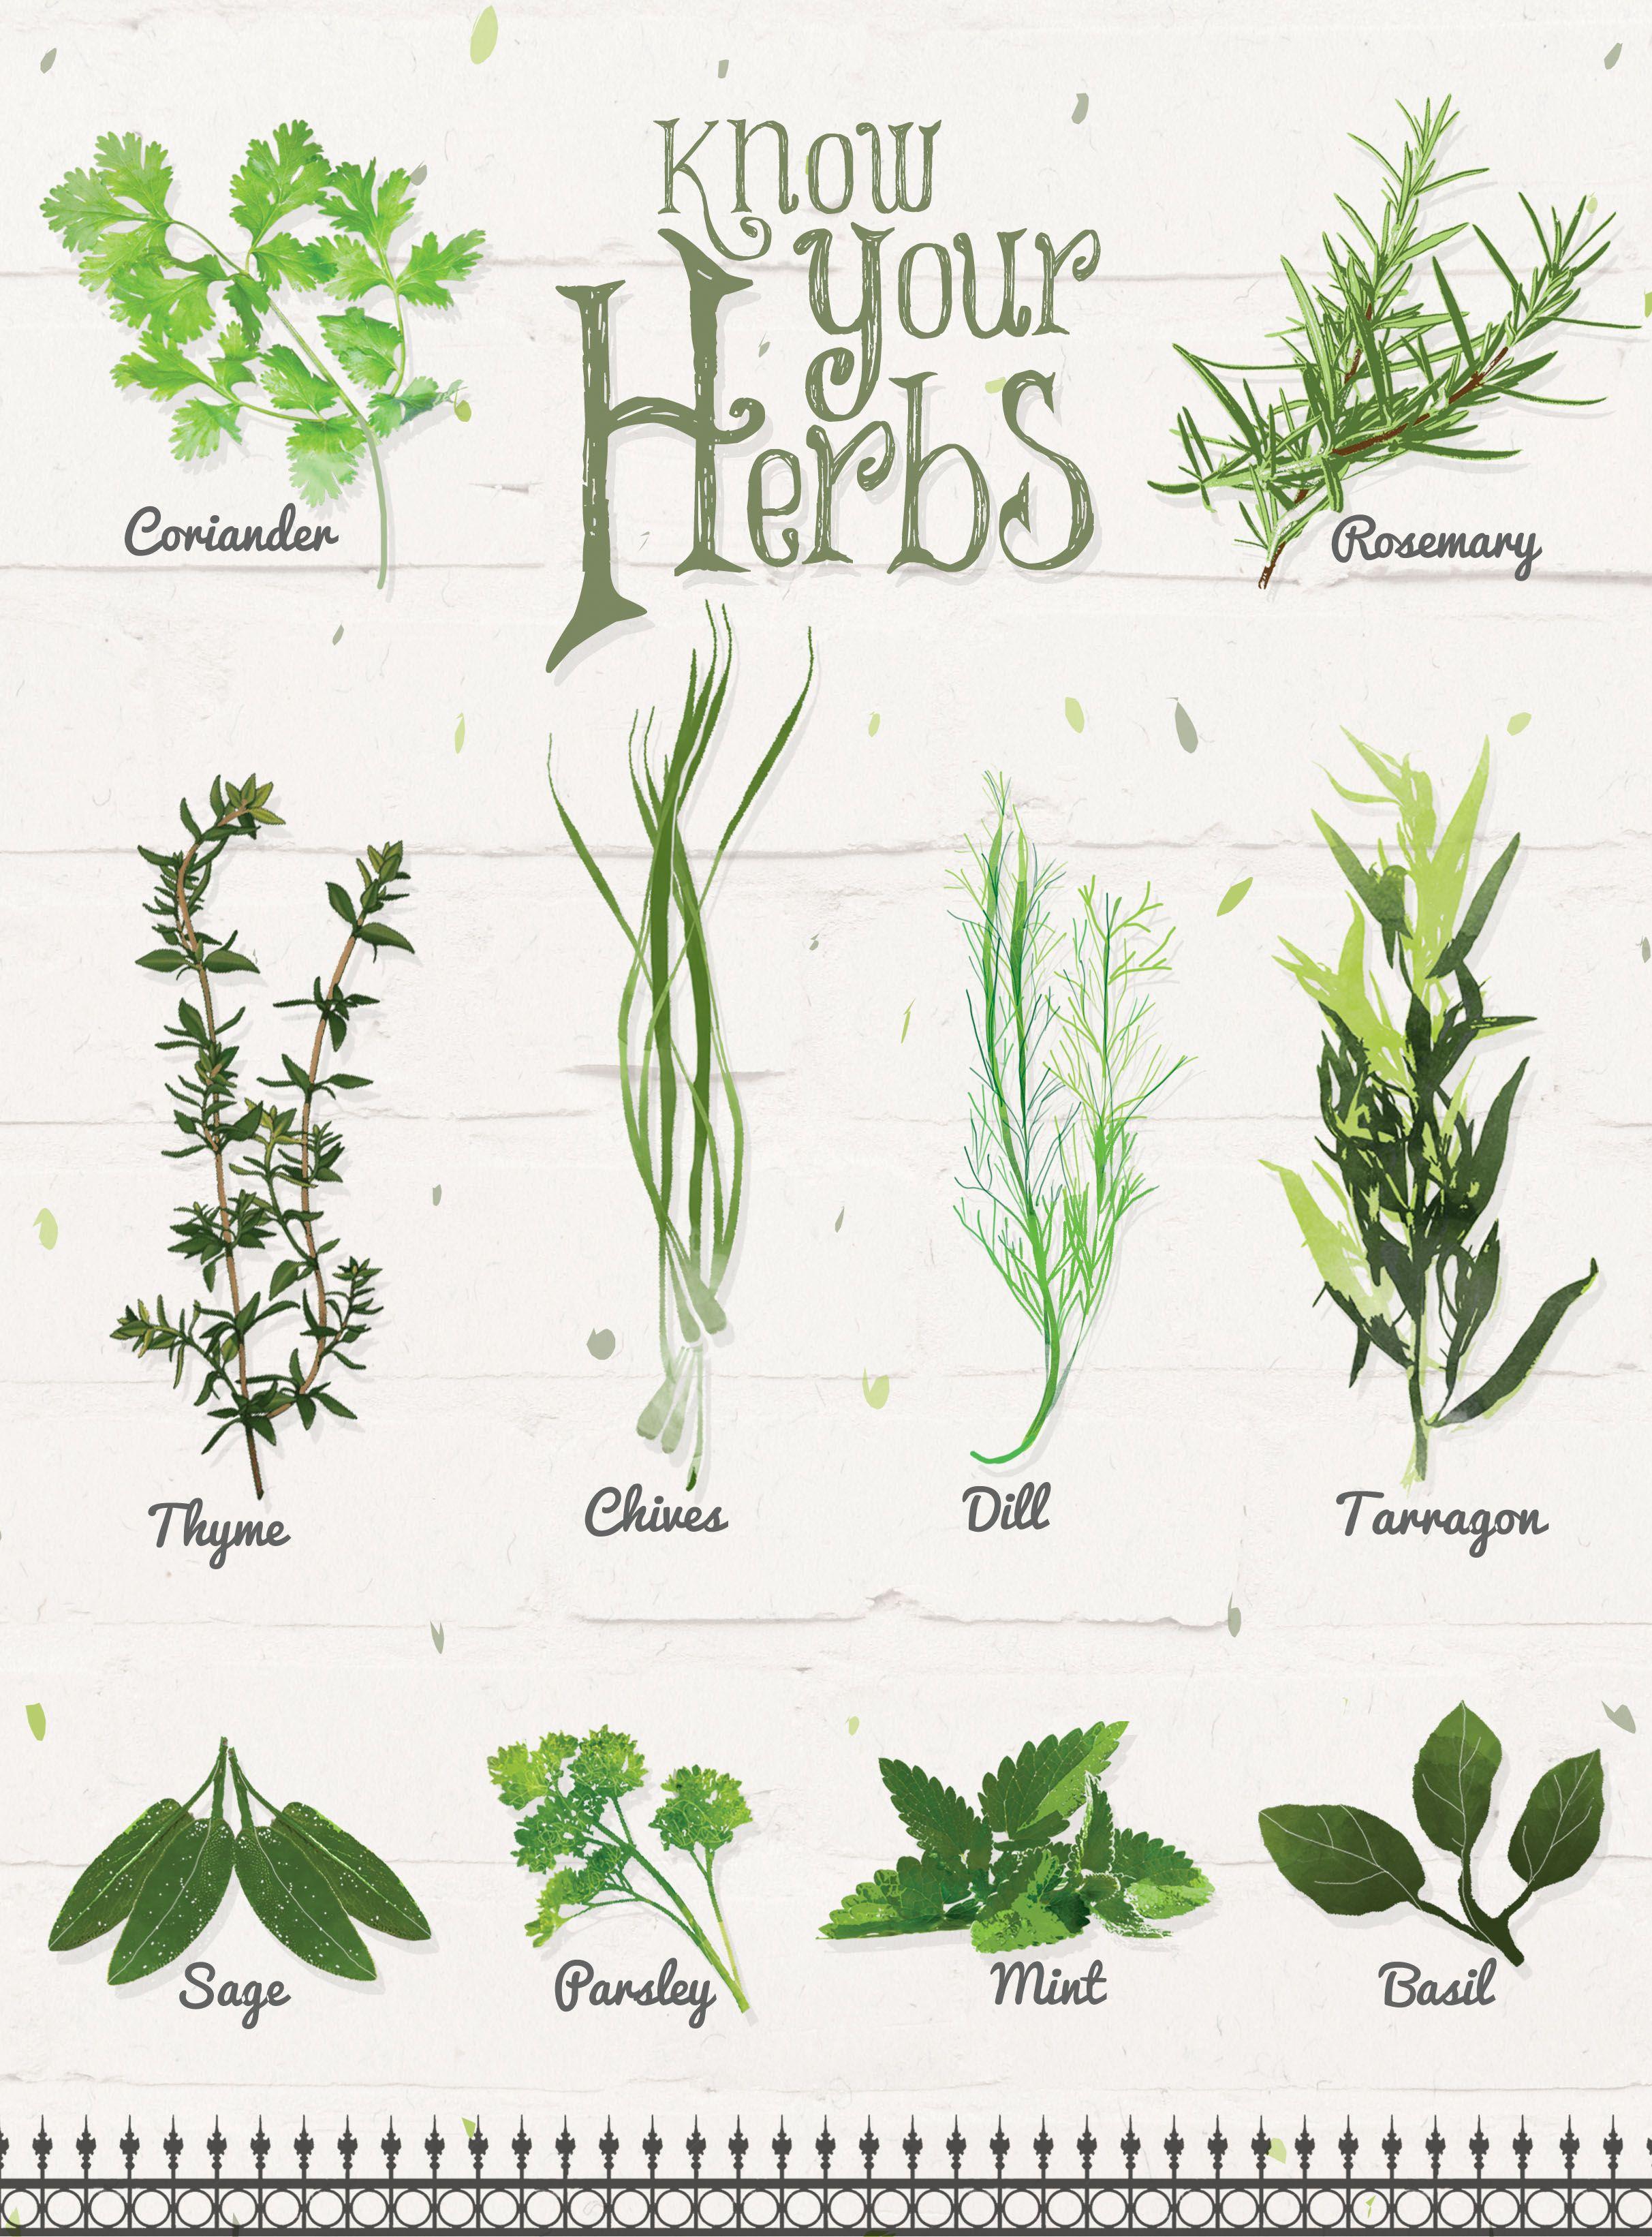 каталог пряных растений по алфавиту с картинками модели зачастую